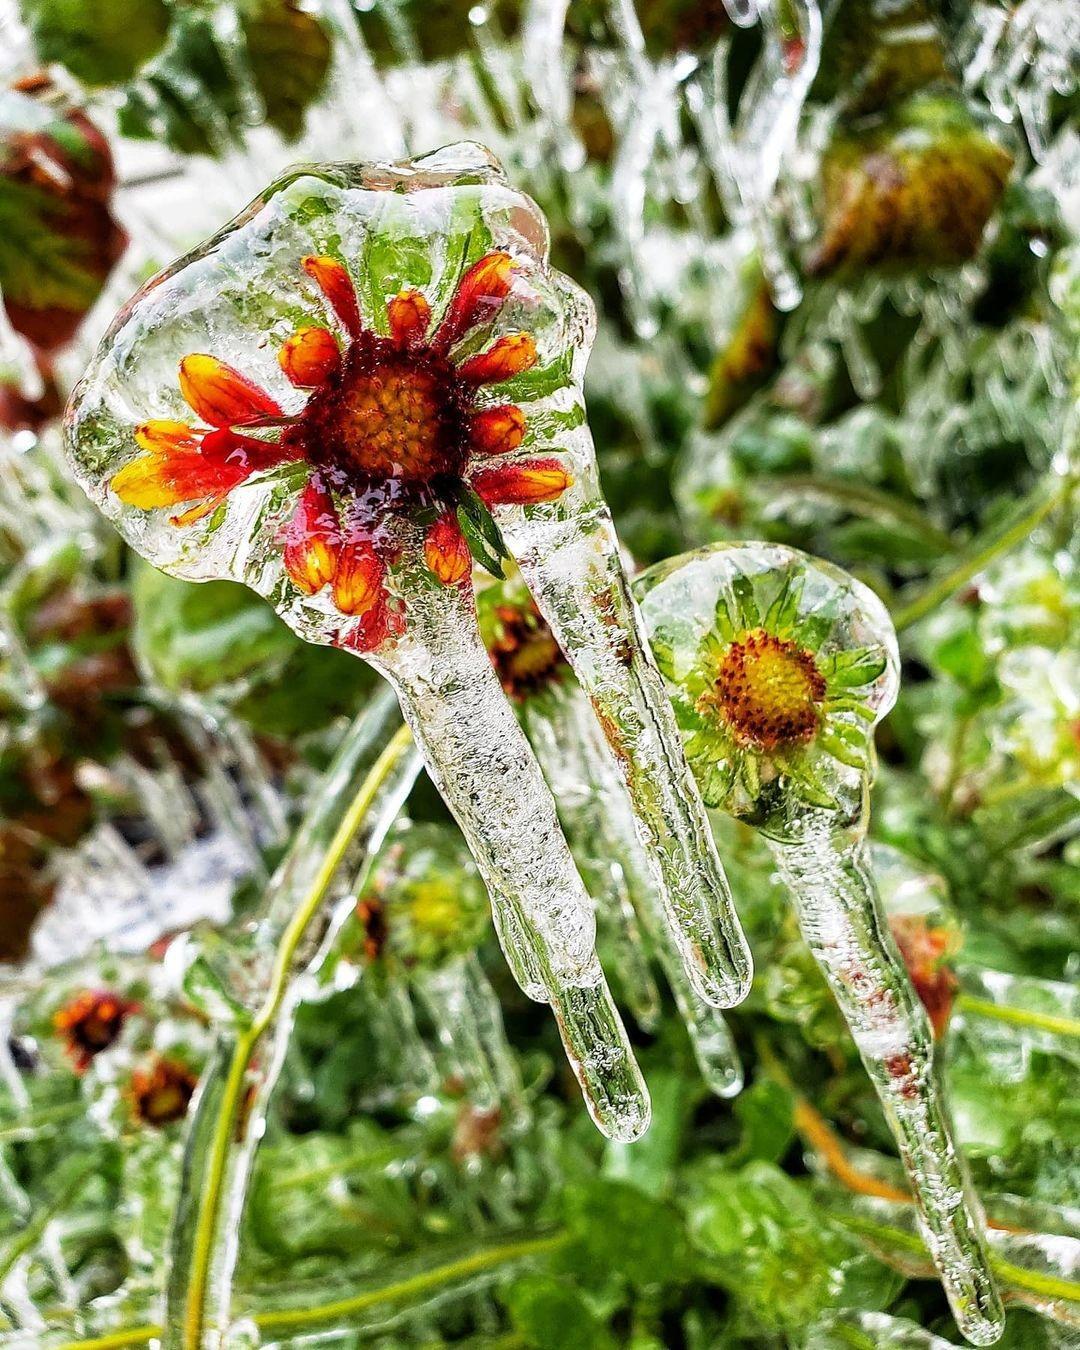 Застрявшие во льду: 20 красивых фотографий, доказывающих, что зима — это шедевр